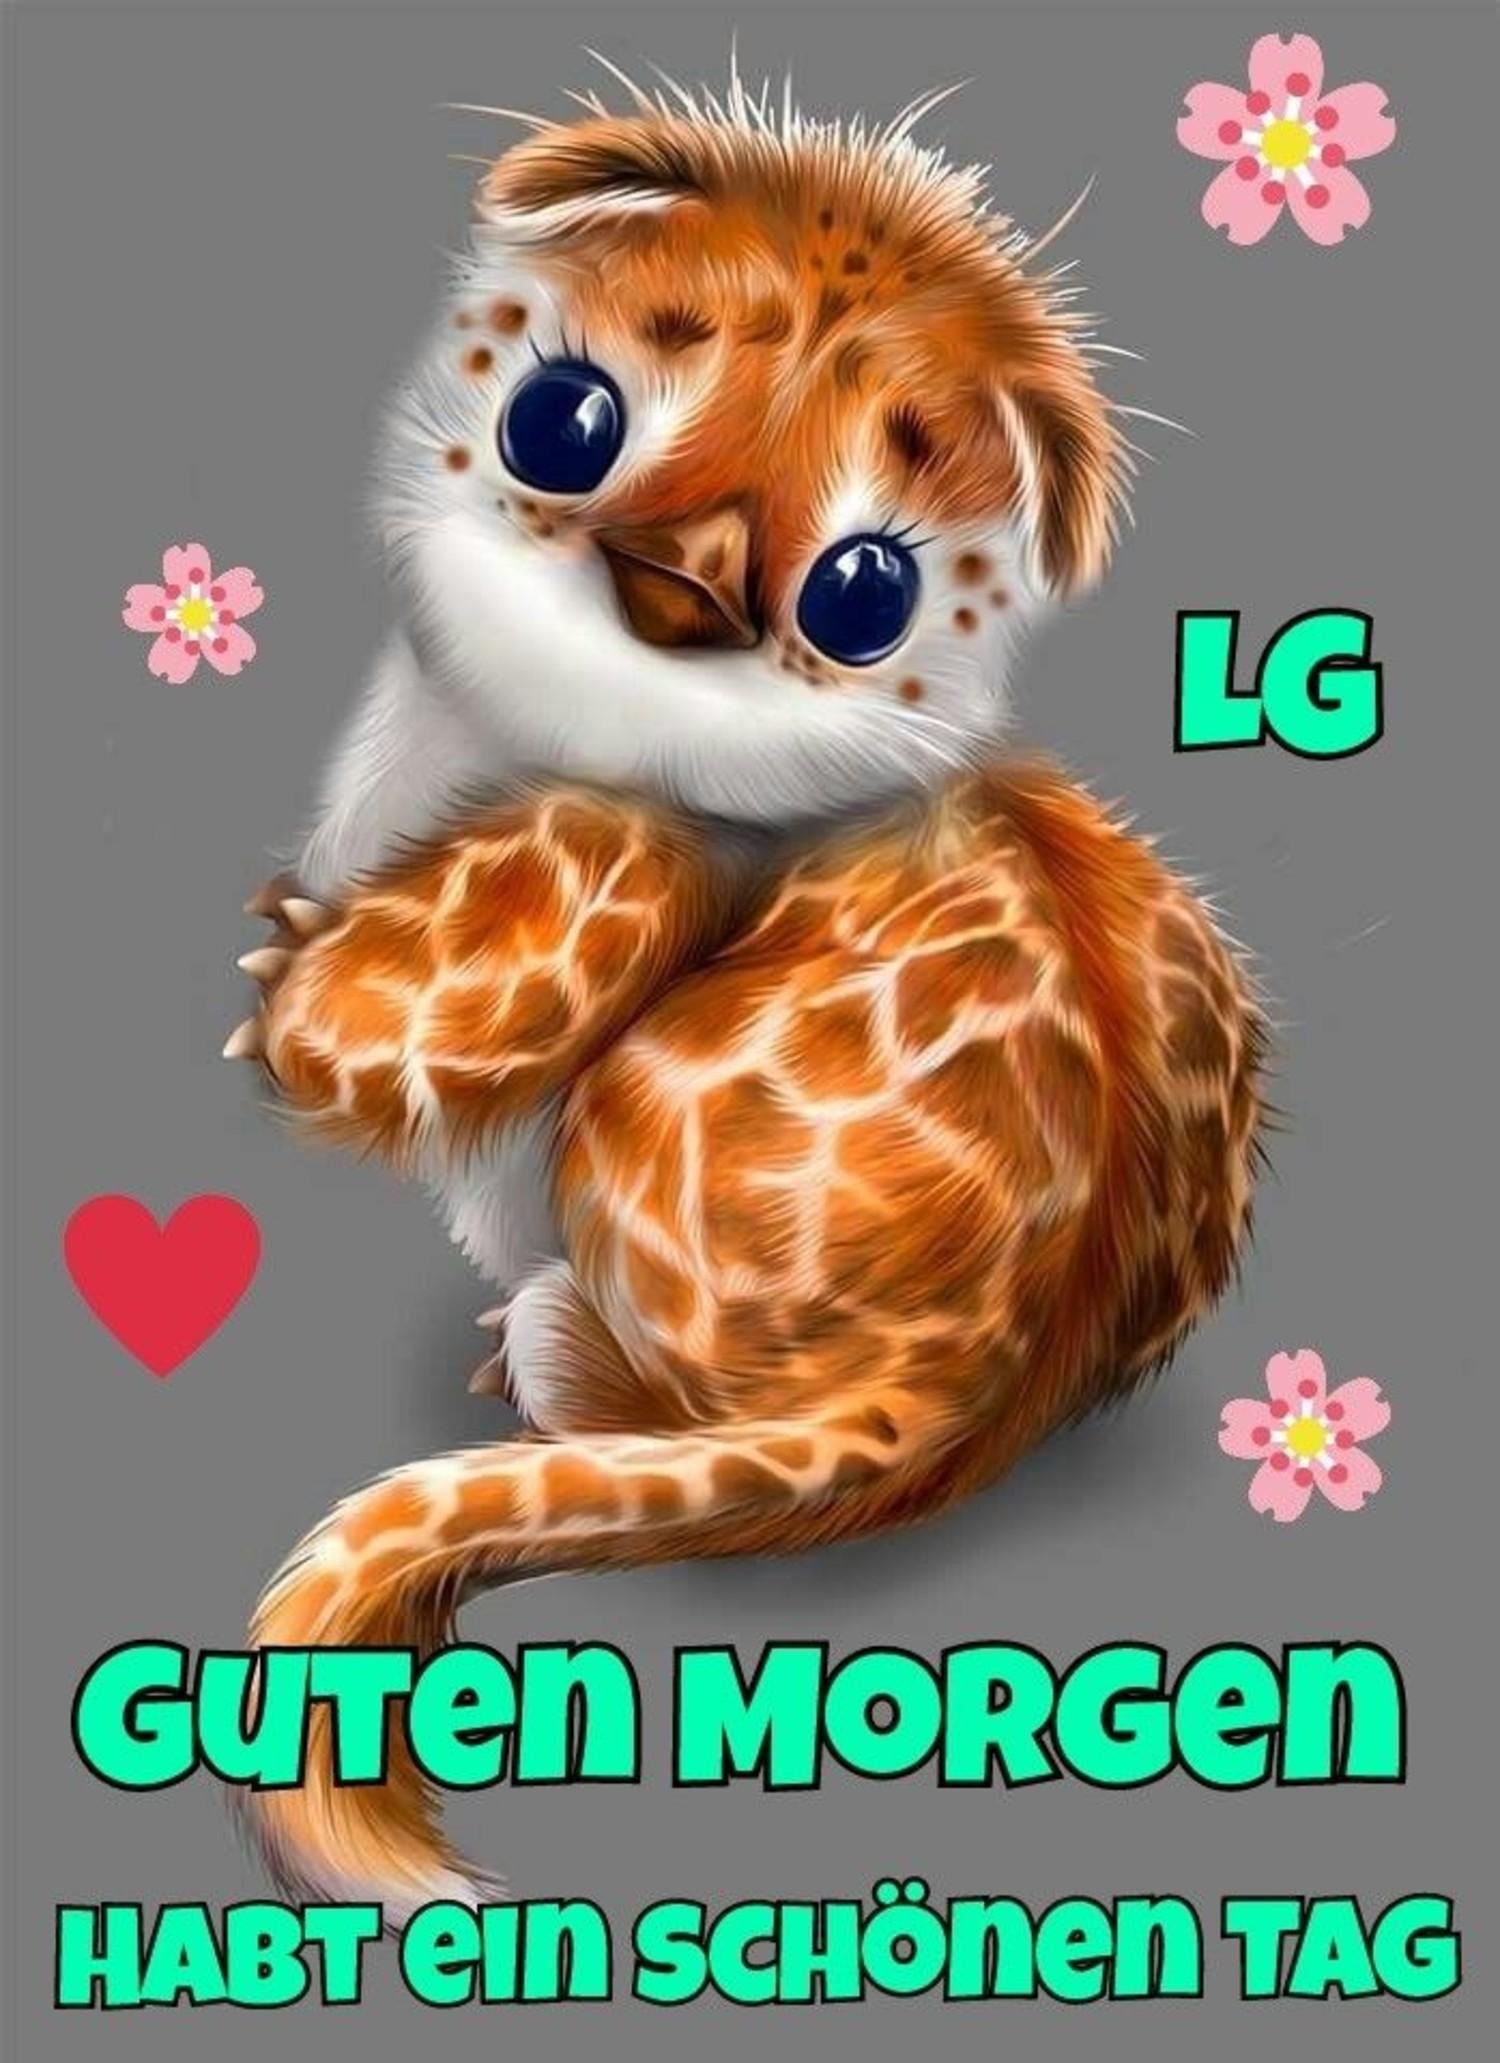 Guten Morgen whatsapp bilder - GBPicsBilder.com